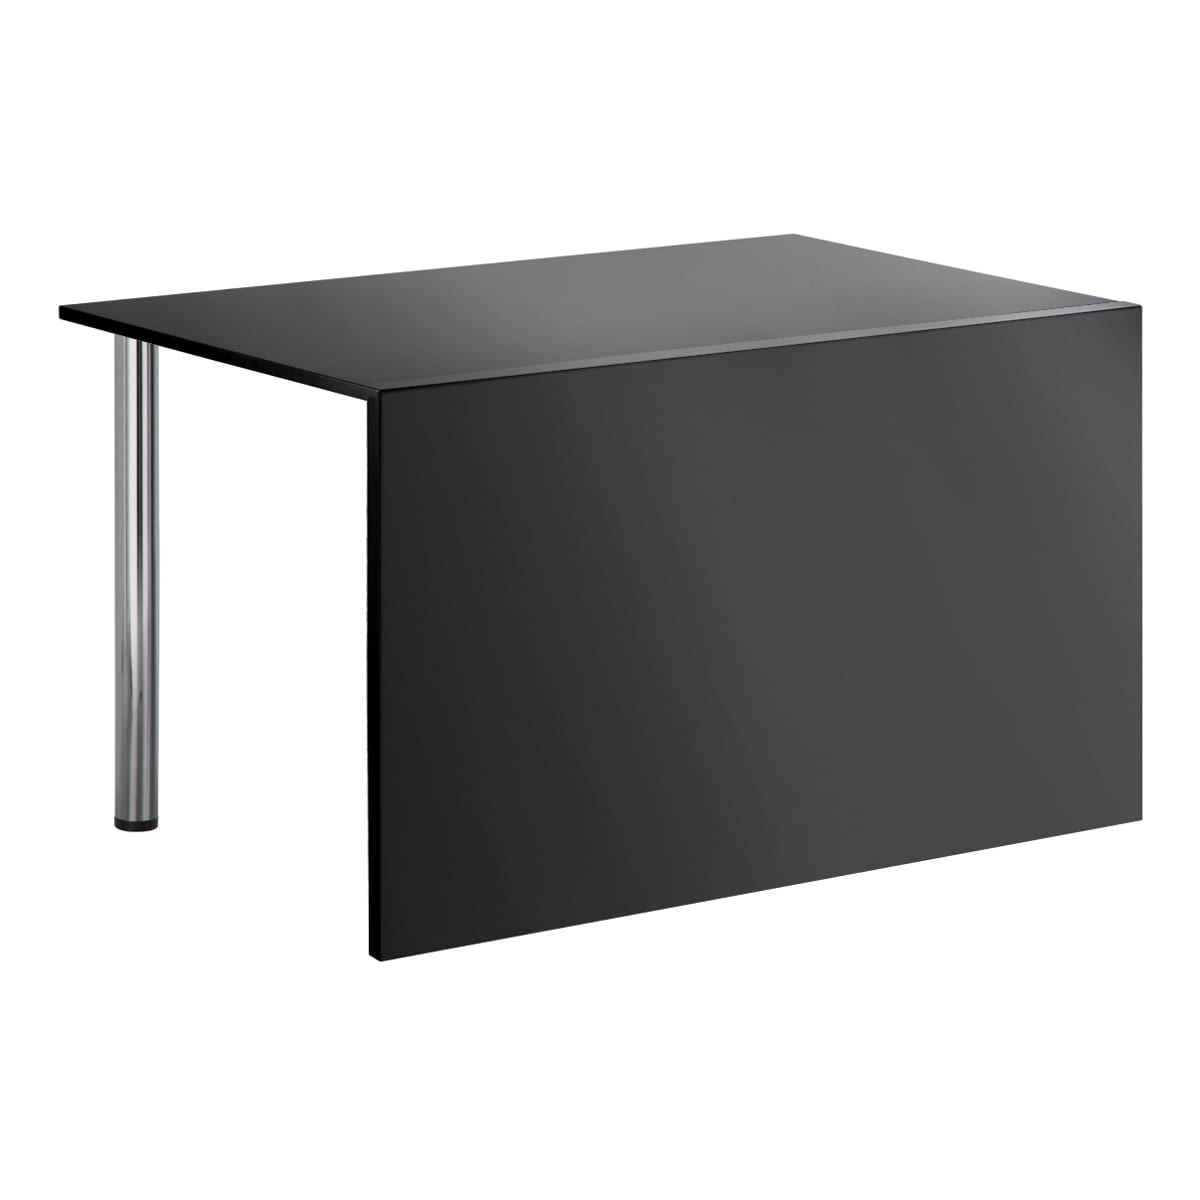 Sitztisch Genf, mit Blende, schwarz